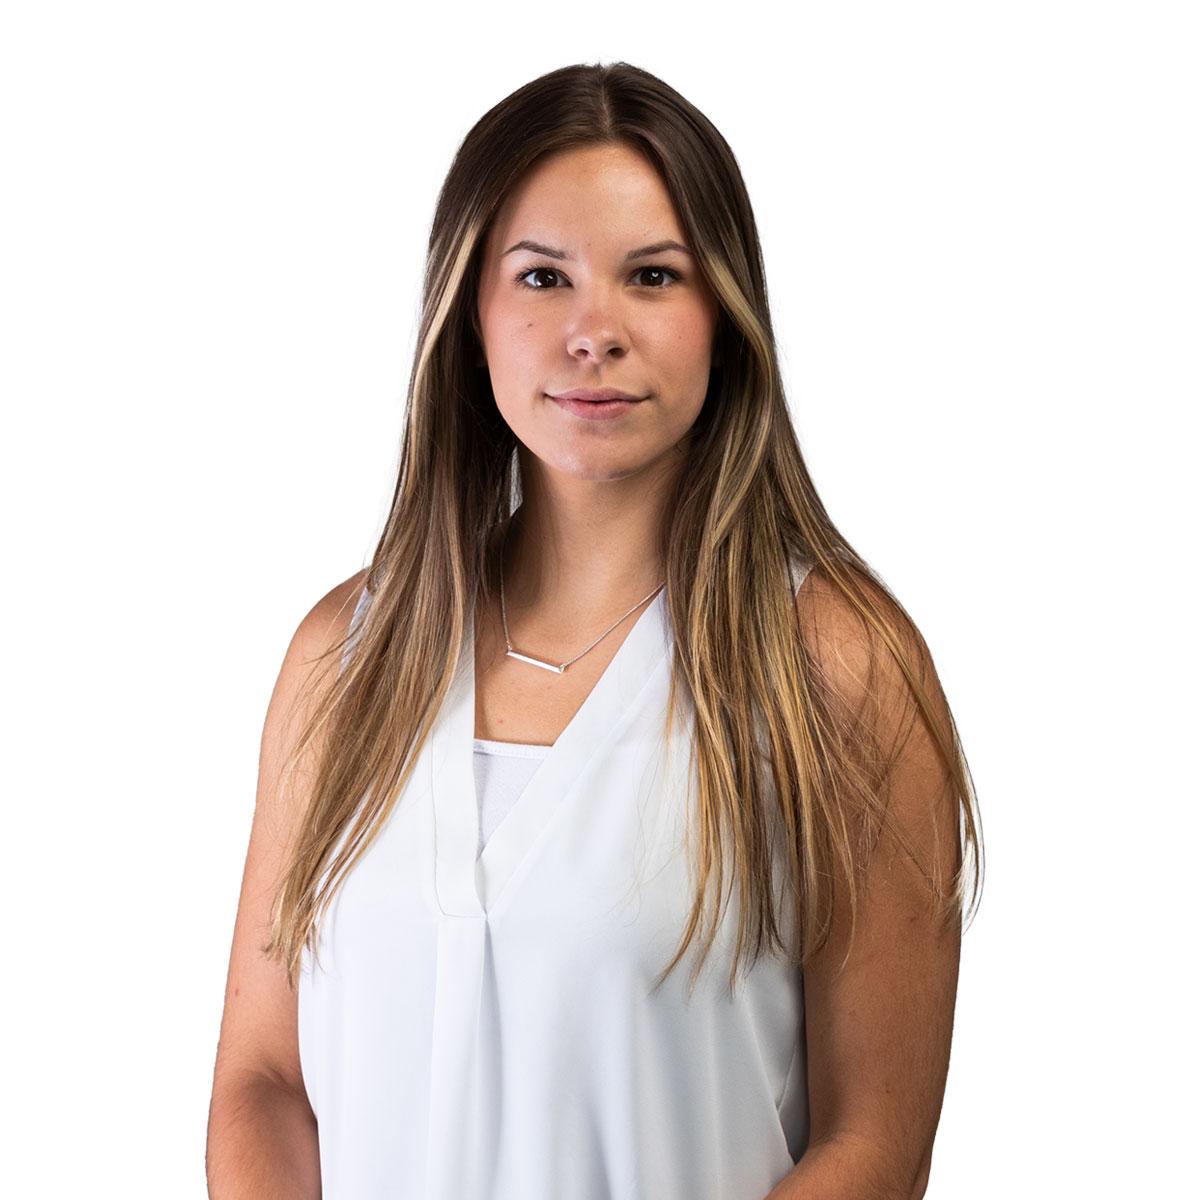 Rachel Carnovsky